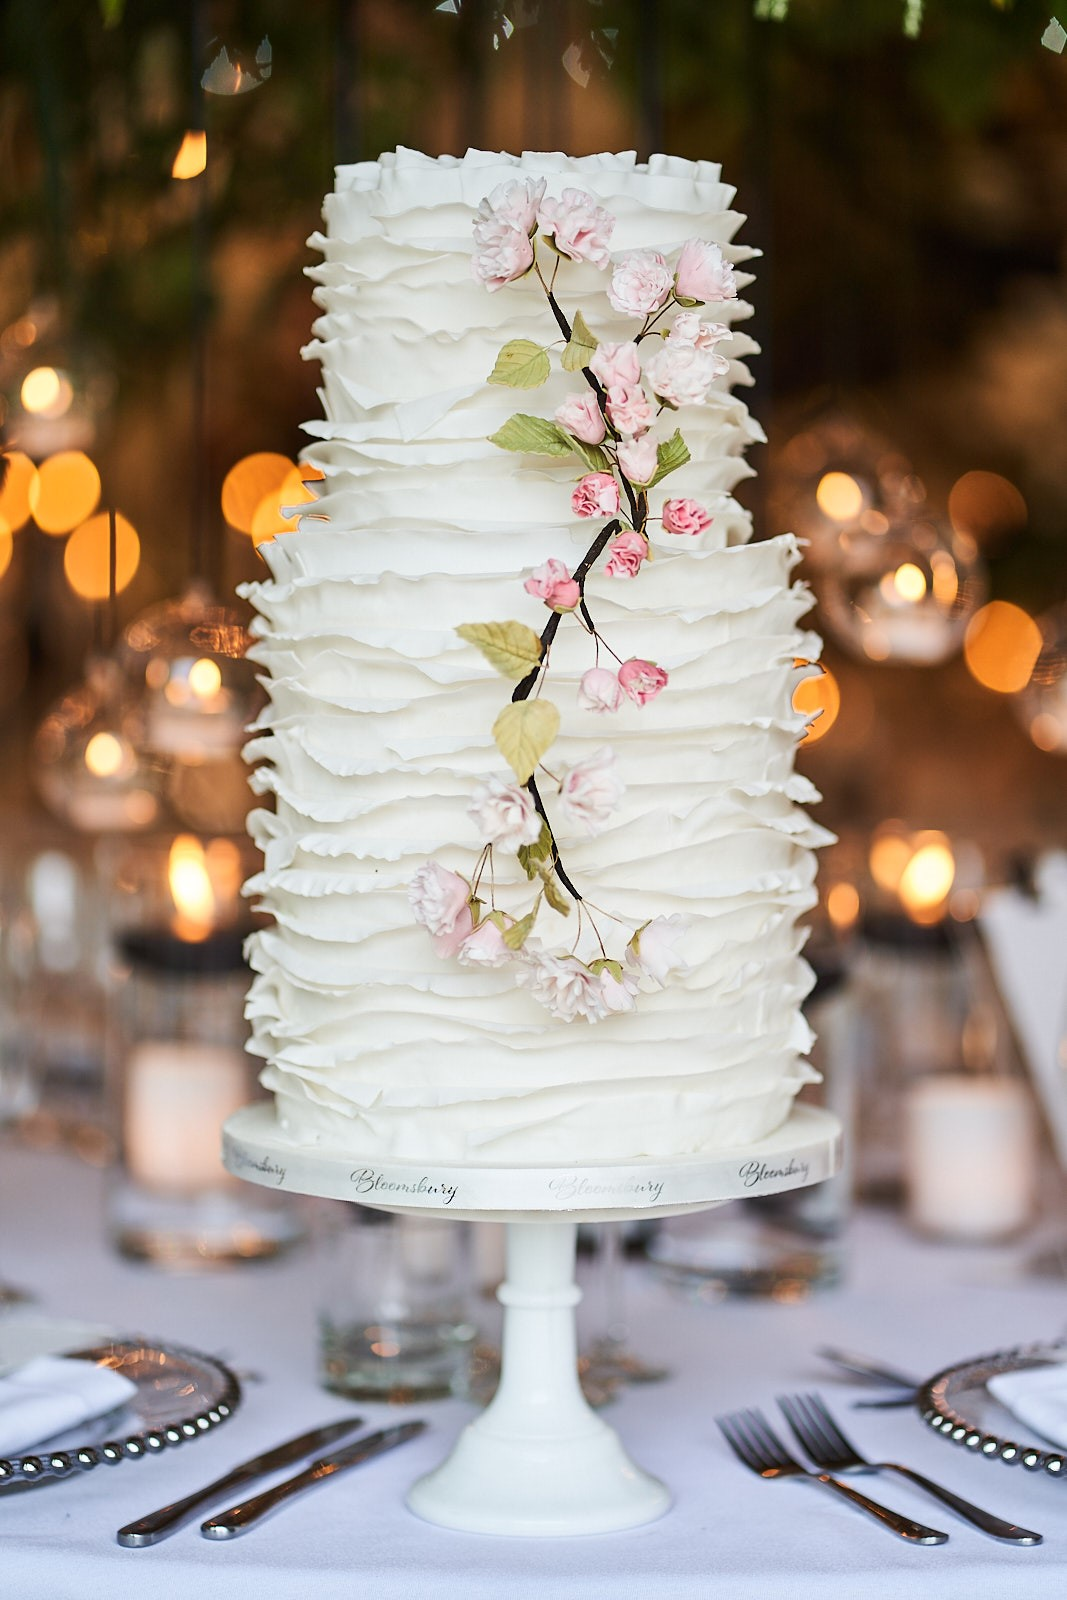 iscoyd-cake-white-ruffles-3